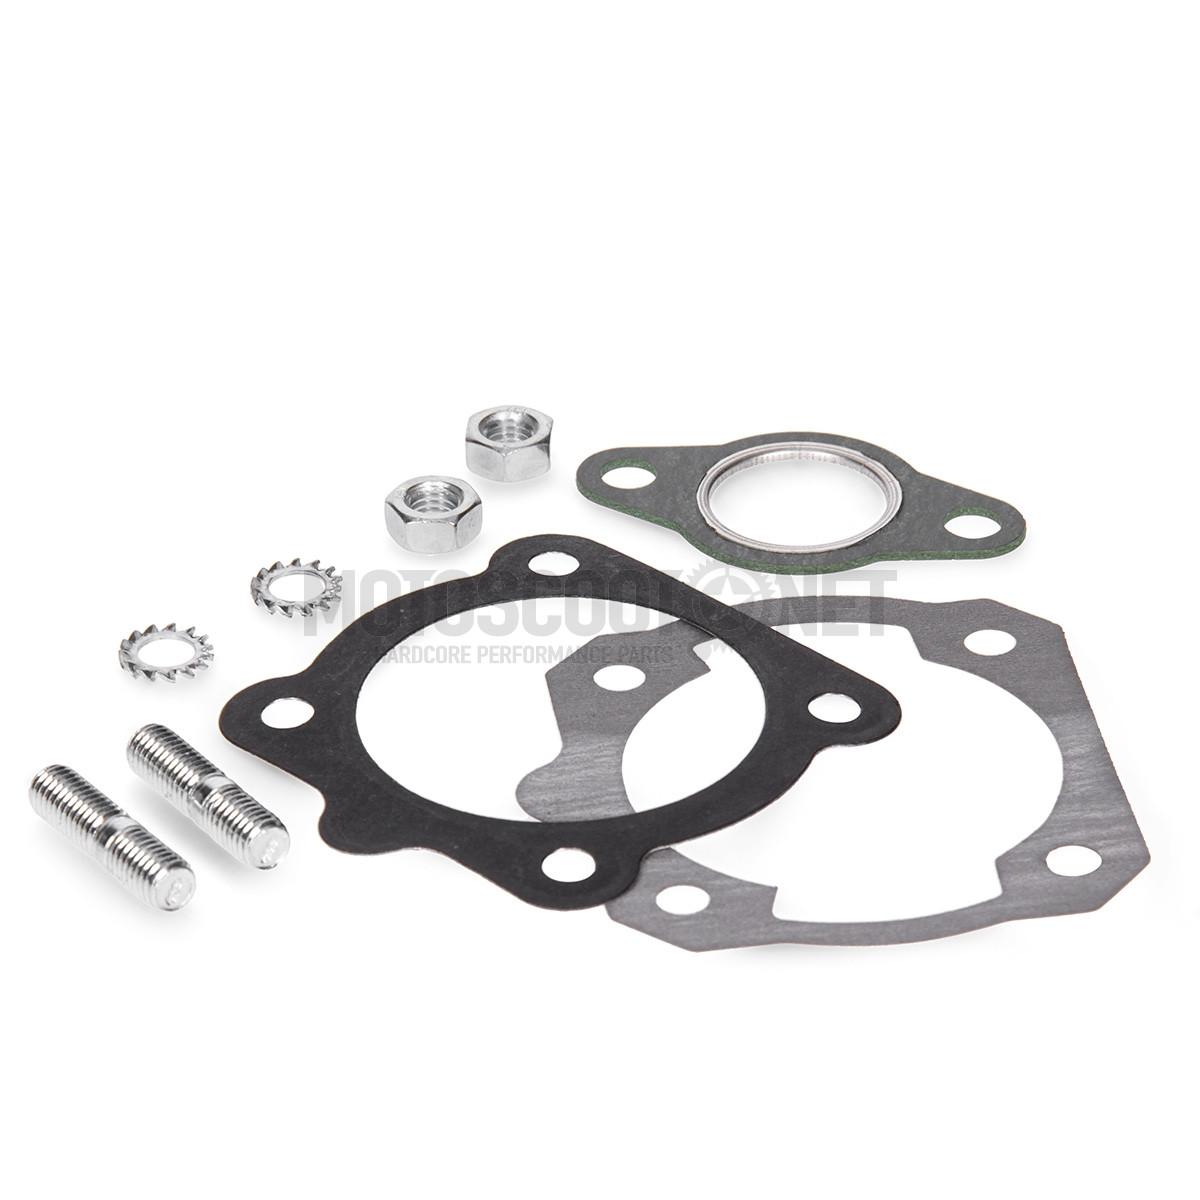 Cilindro Vespa Primavera 125cc a 130cc DR Racing Aluminio Sku:KT00135 /k/t/kt00135_03.jpg